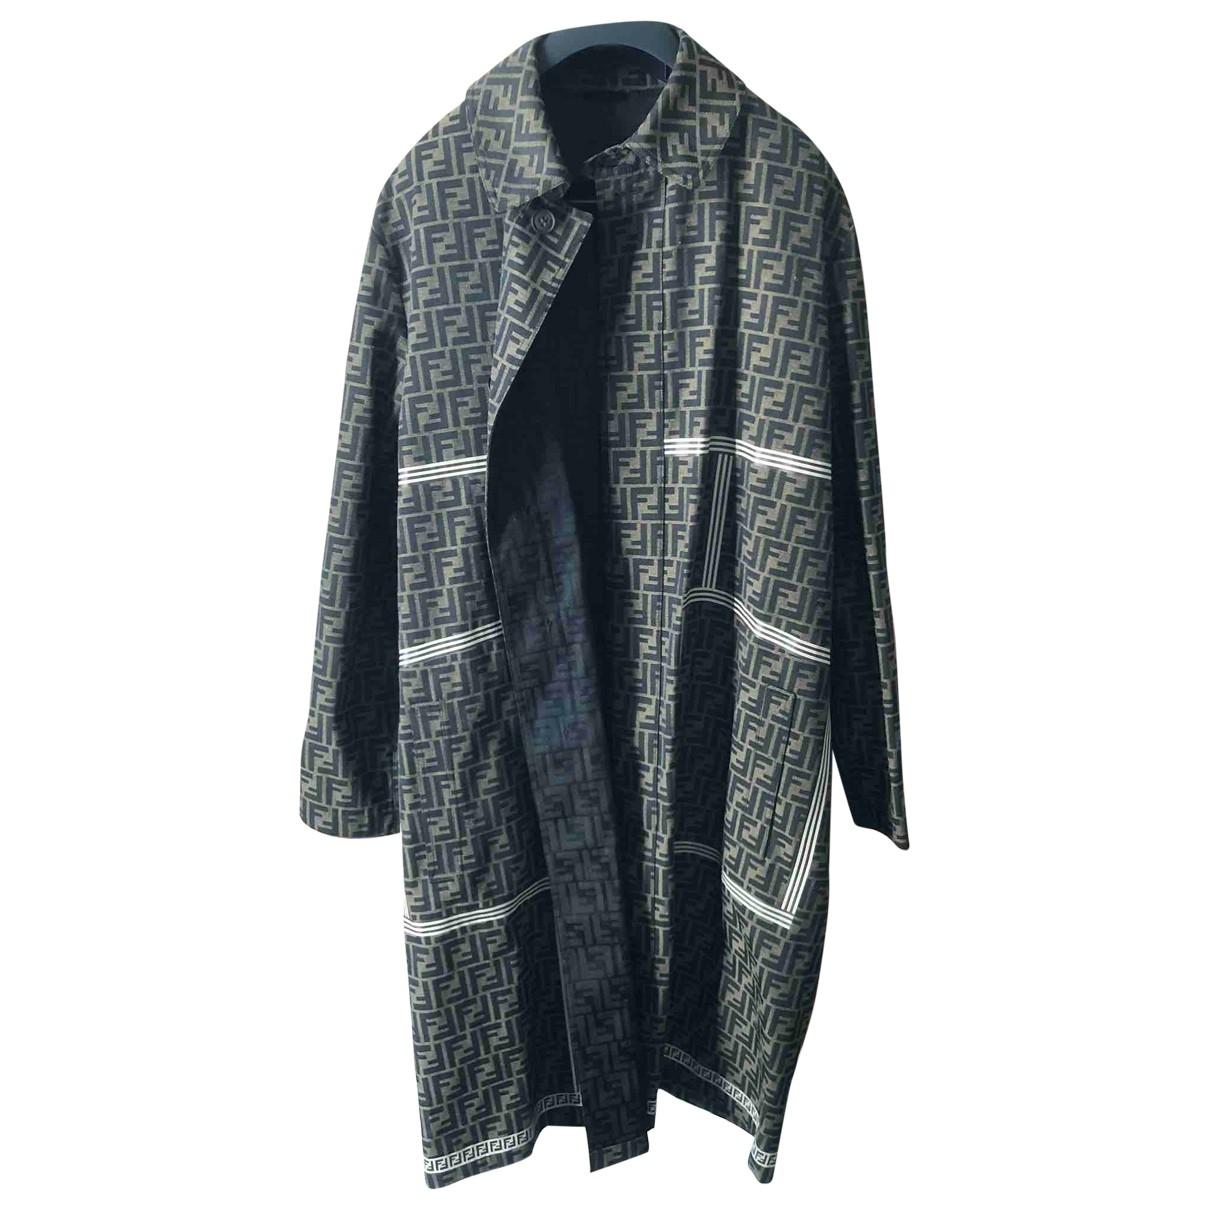 Fendi - Manteau   pour homme - marron